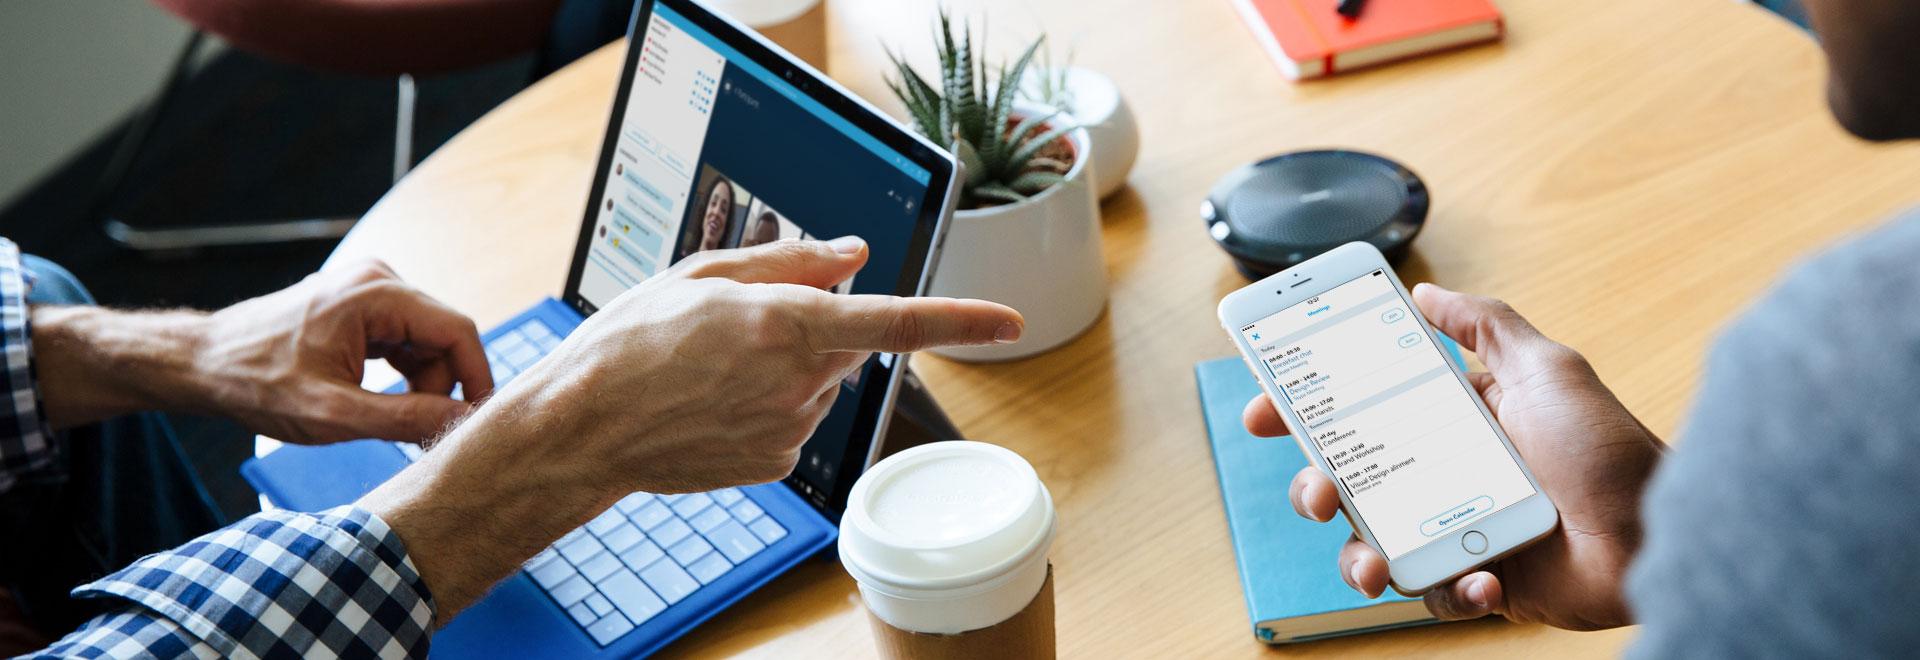 Dos personas en un escritorio, una con un teléfono y la otra con un portátil usando Skype Empresarial